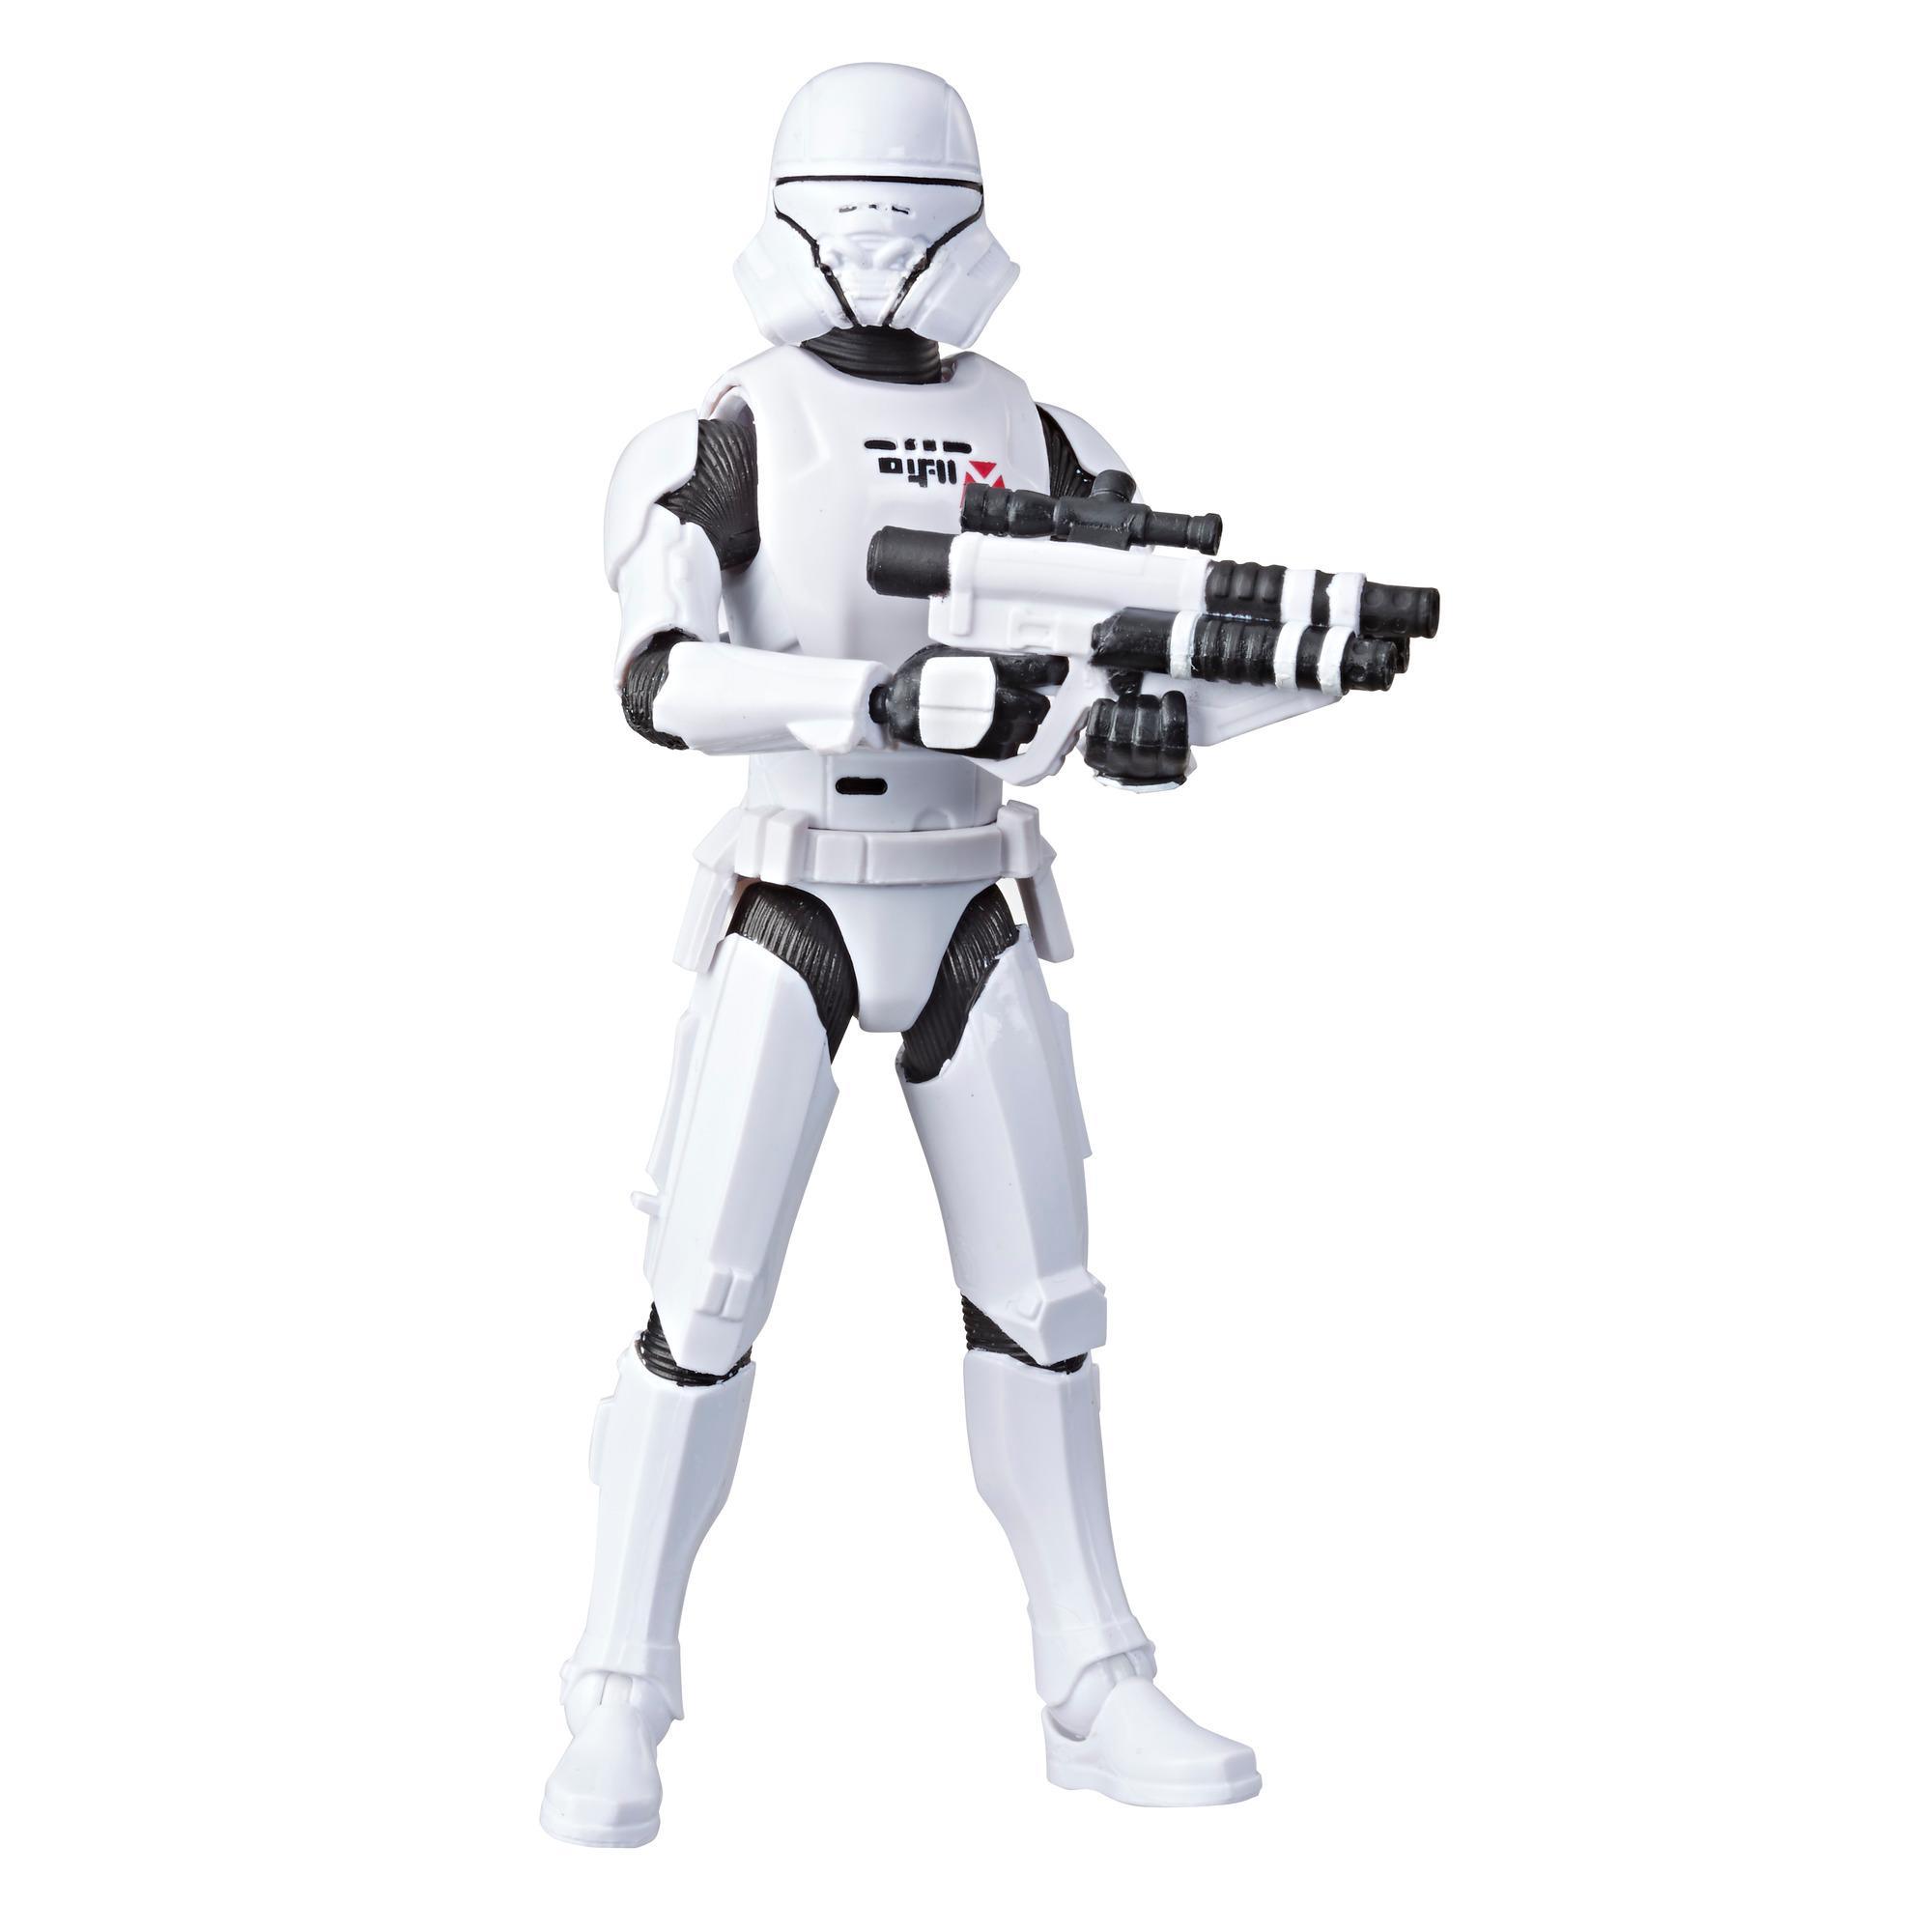 Star Wars Galaxy of Adventures Jet Trooper Action-Figur